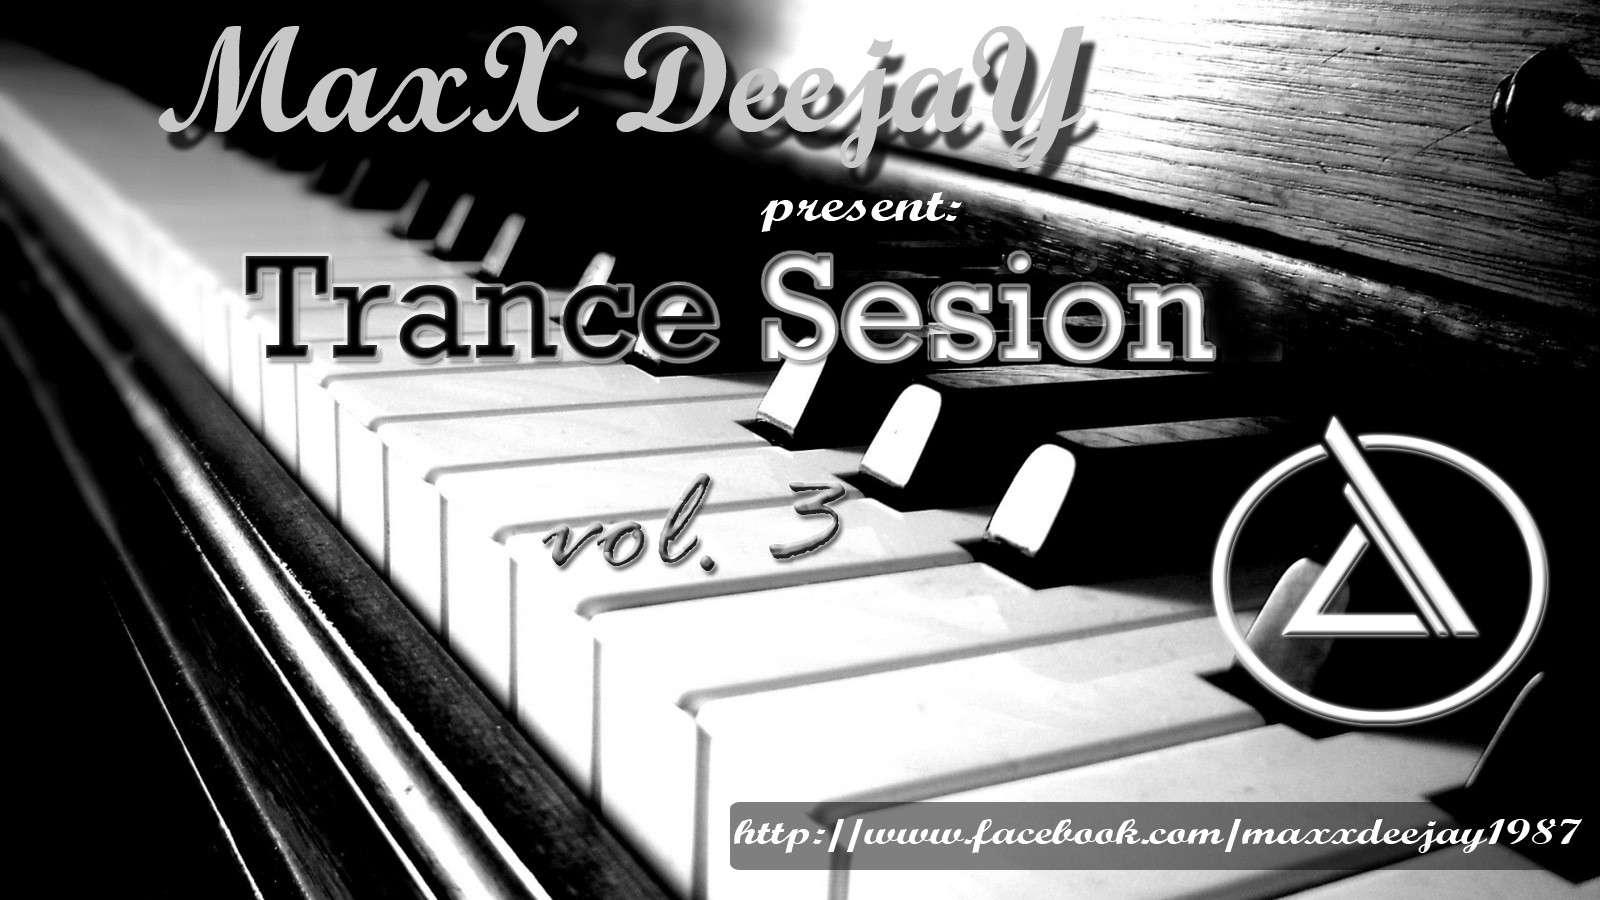 Maxx Deejay - Trance Session Vol. 3